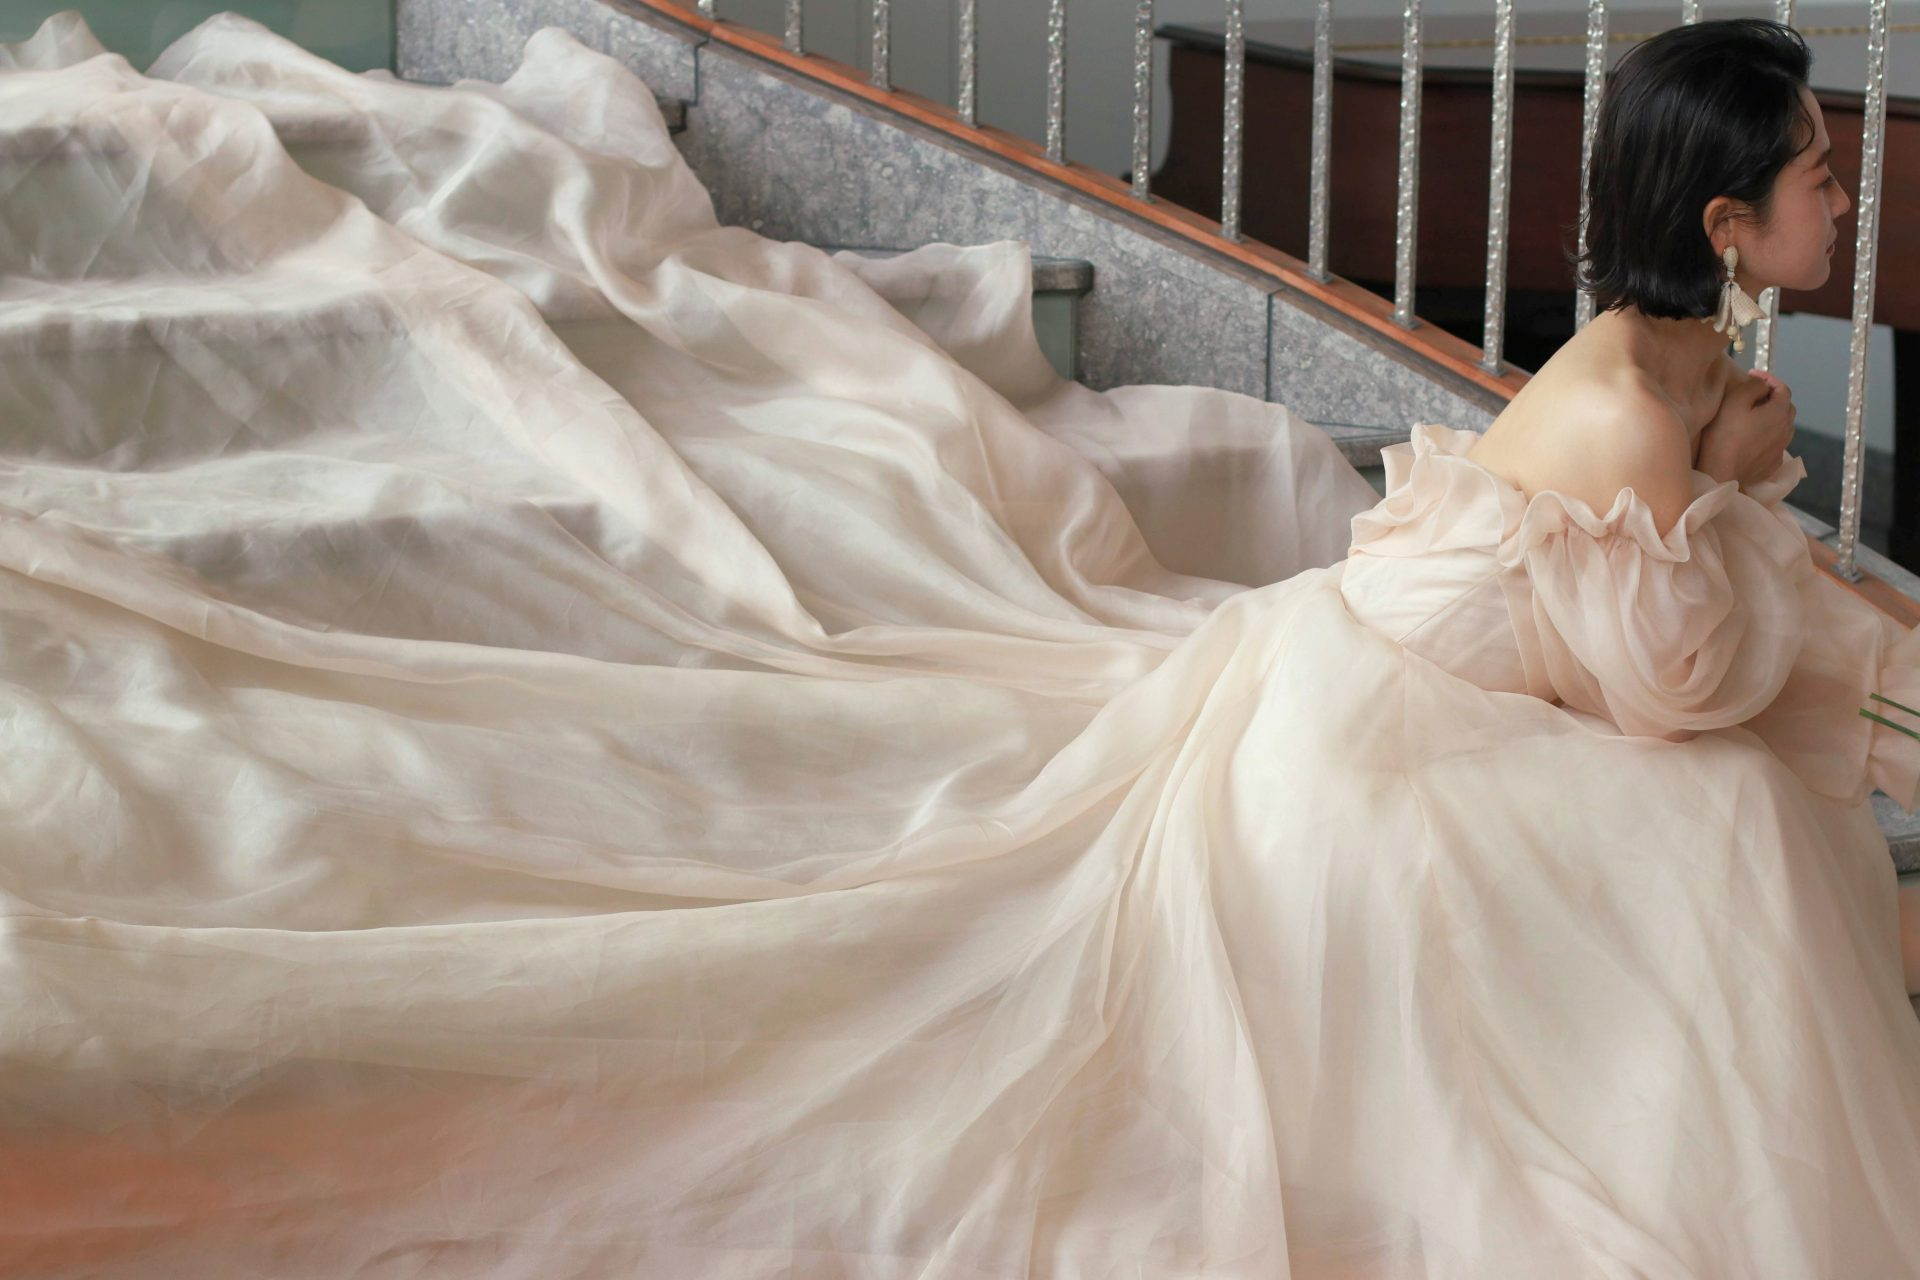 パレスホテル東京での前撮りをお考えの方には、大階段や螺旋階段でトレーンを大きく広げたウェディングドレス姿のお写真がおすすめです